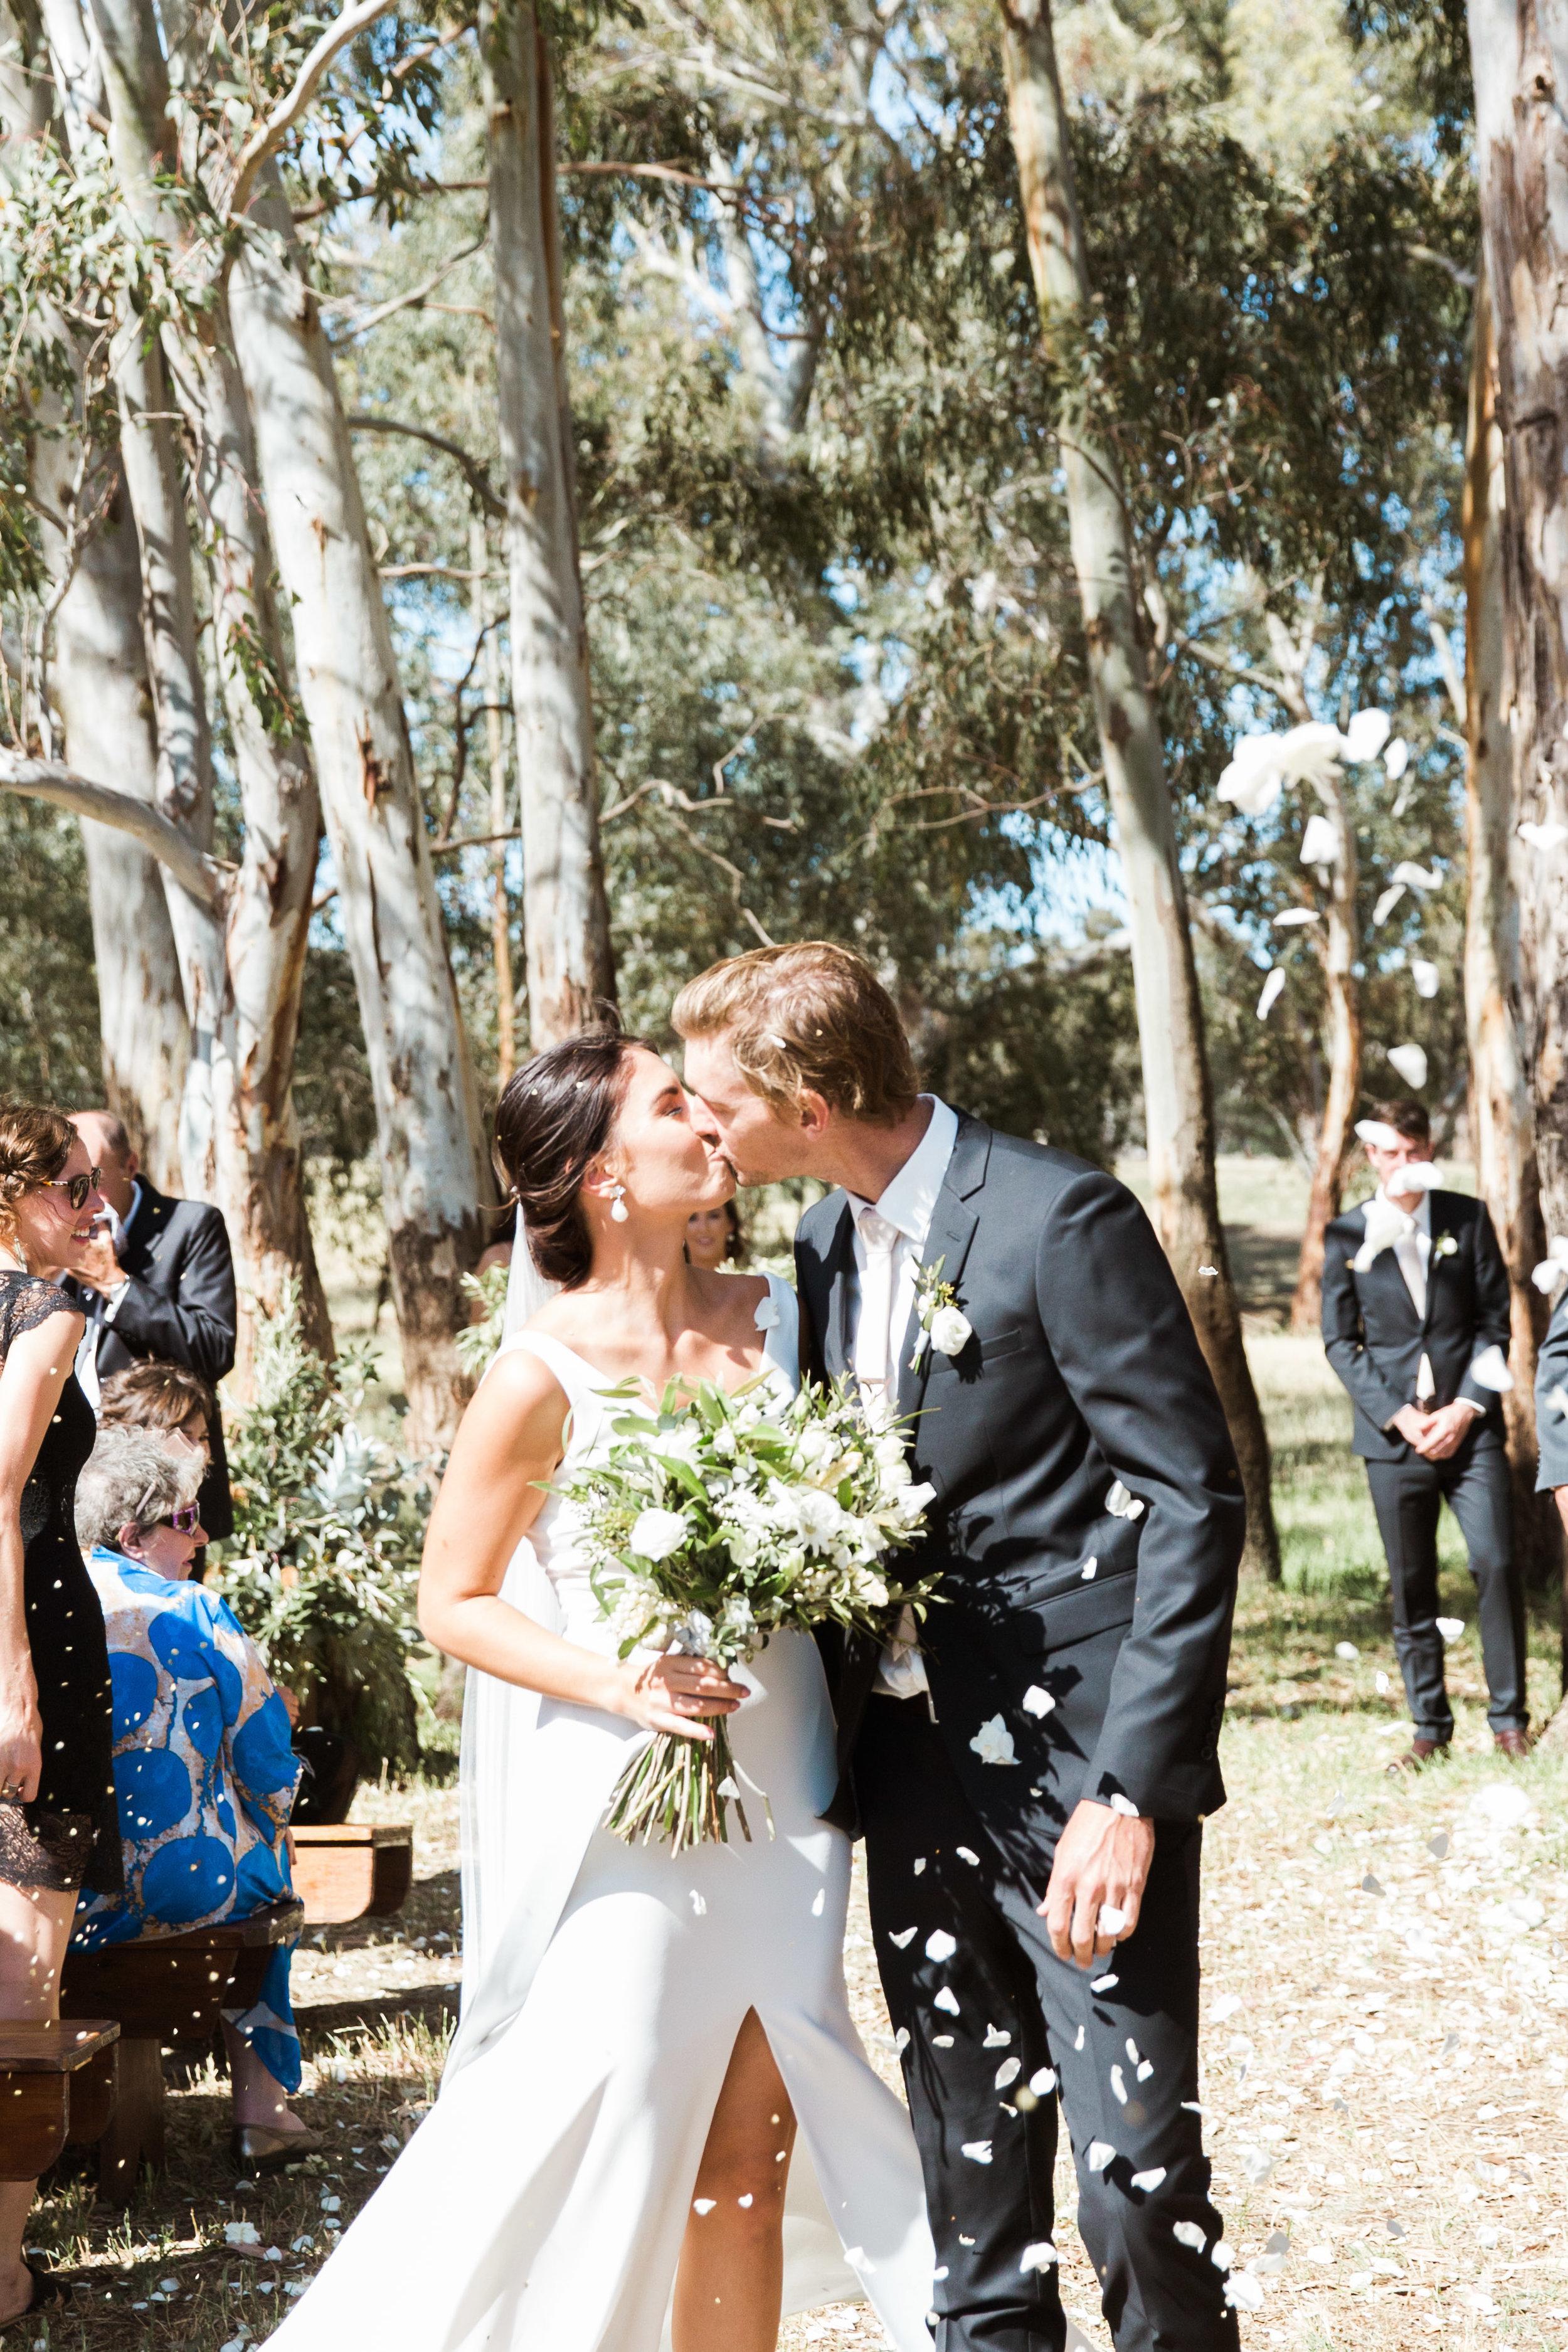 00034- Olive Tree Mediterranean Wedding in Mudgee NSW Australia Fine Art Film Wedding Lifestyle Photographer Sheri McMahon_.jpg